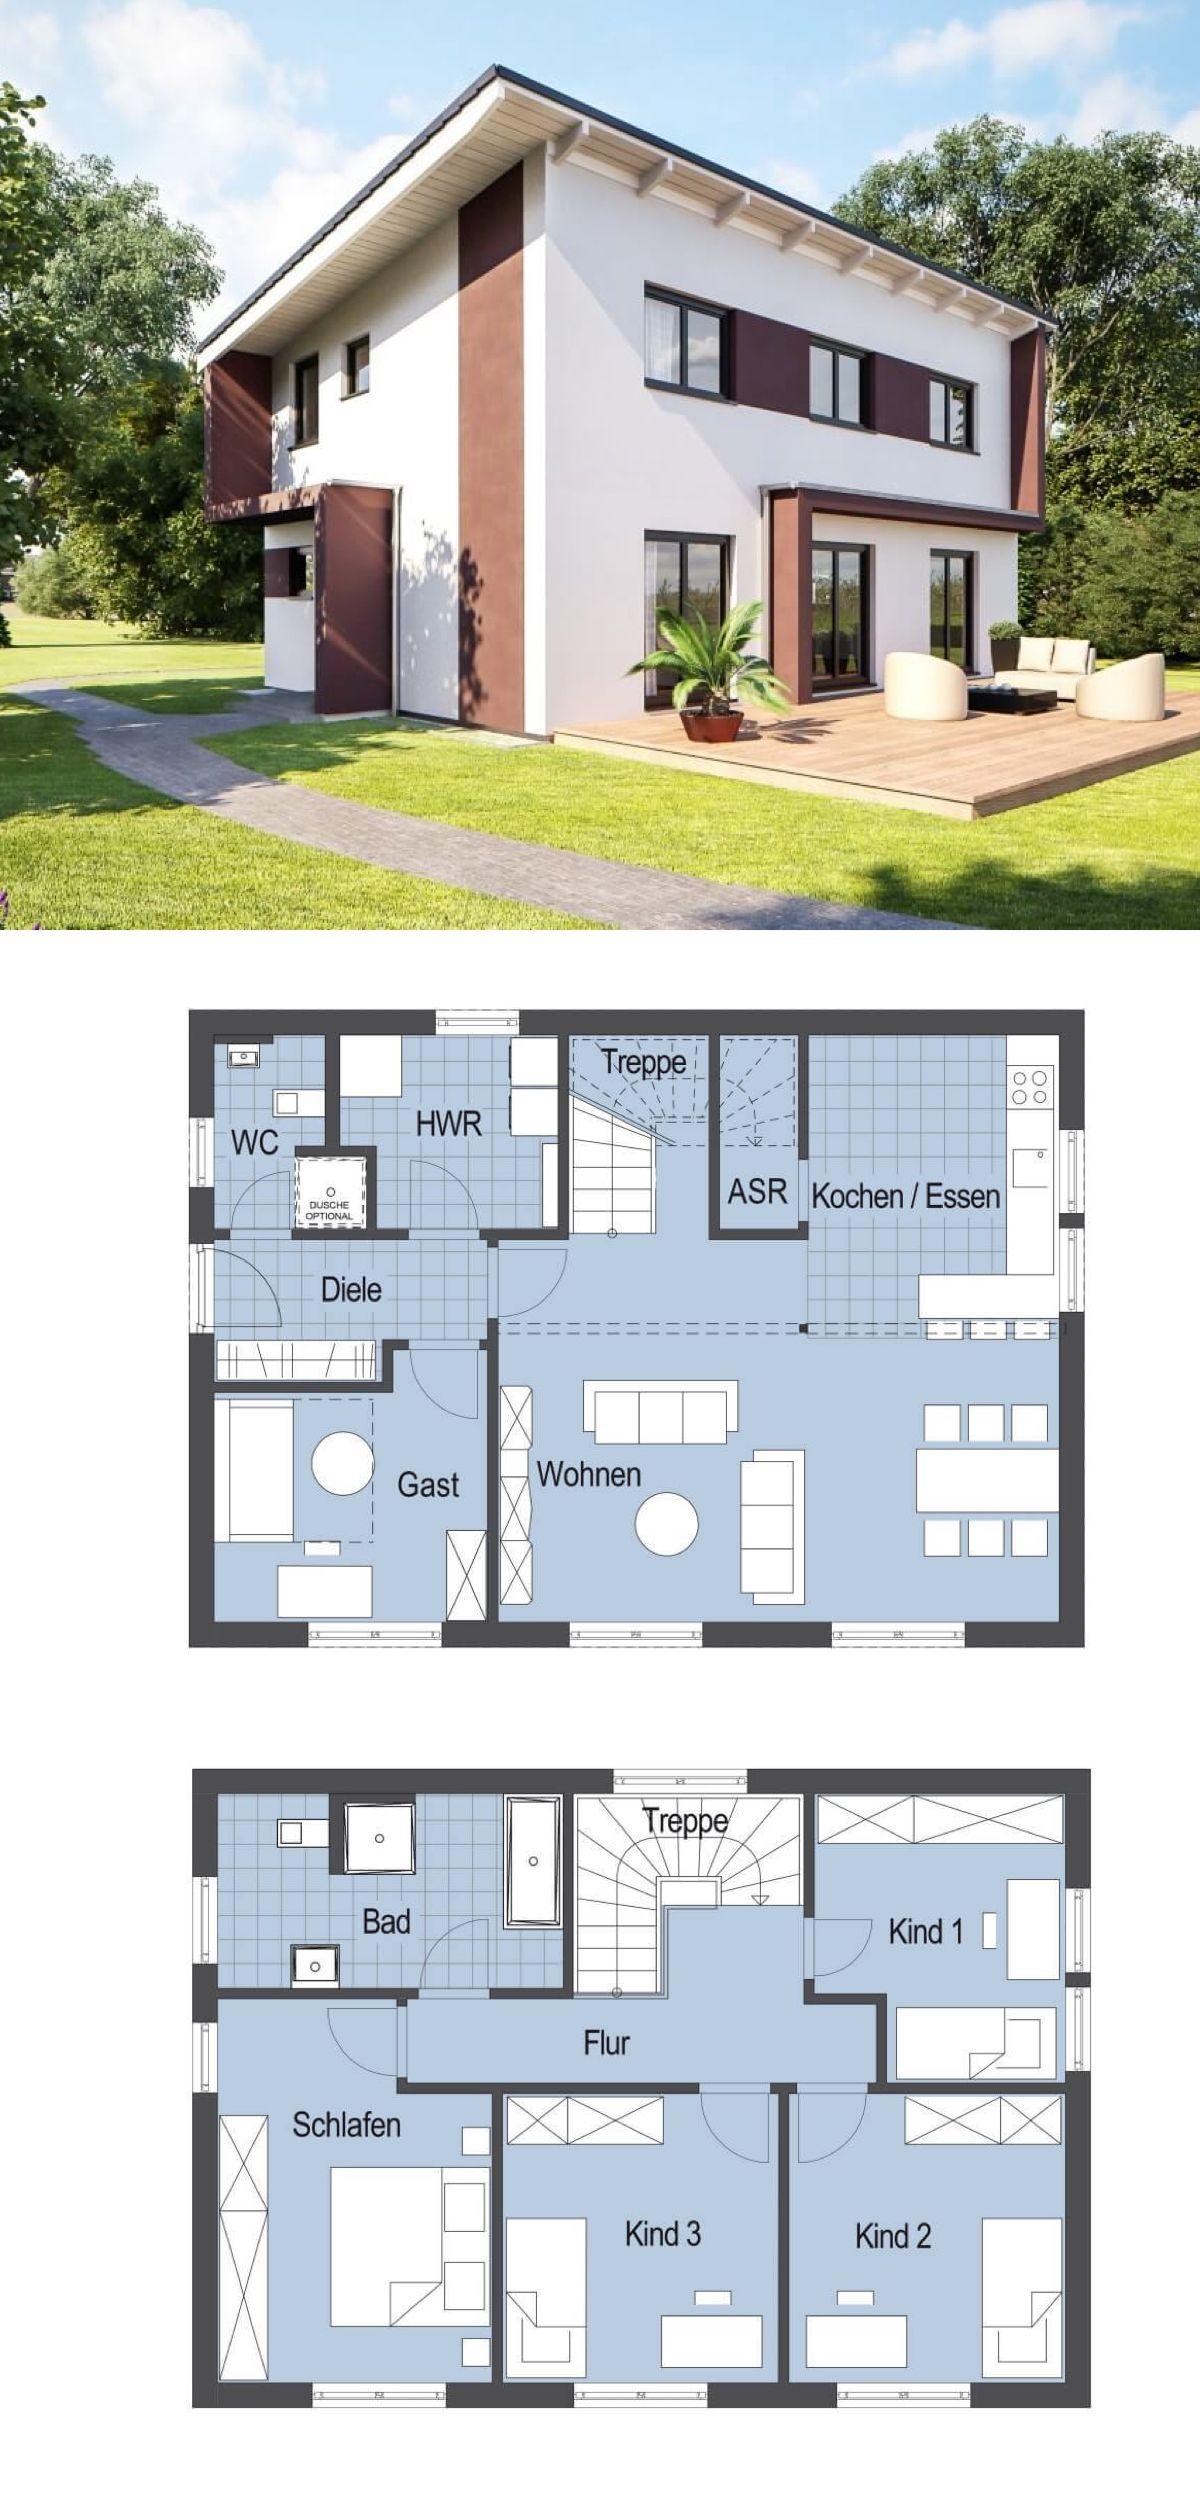 Schön Hanlo Haus Das Beste Von Top Star 145 - - Design Mit